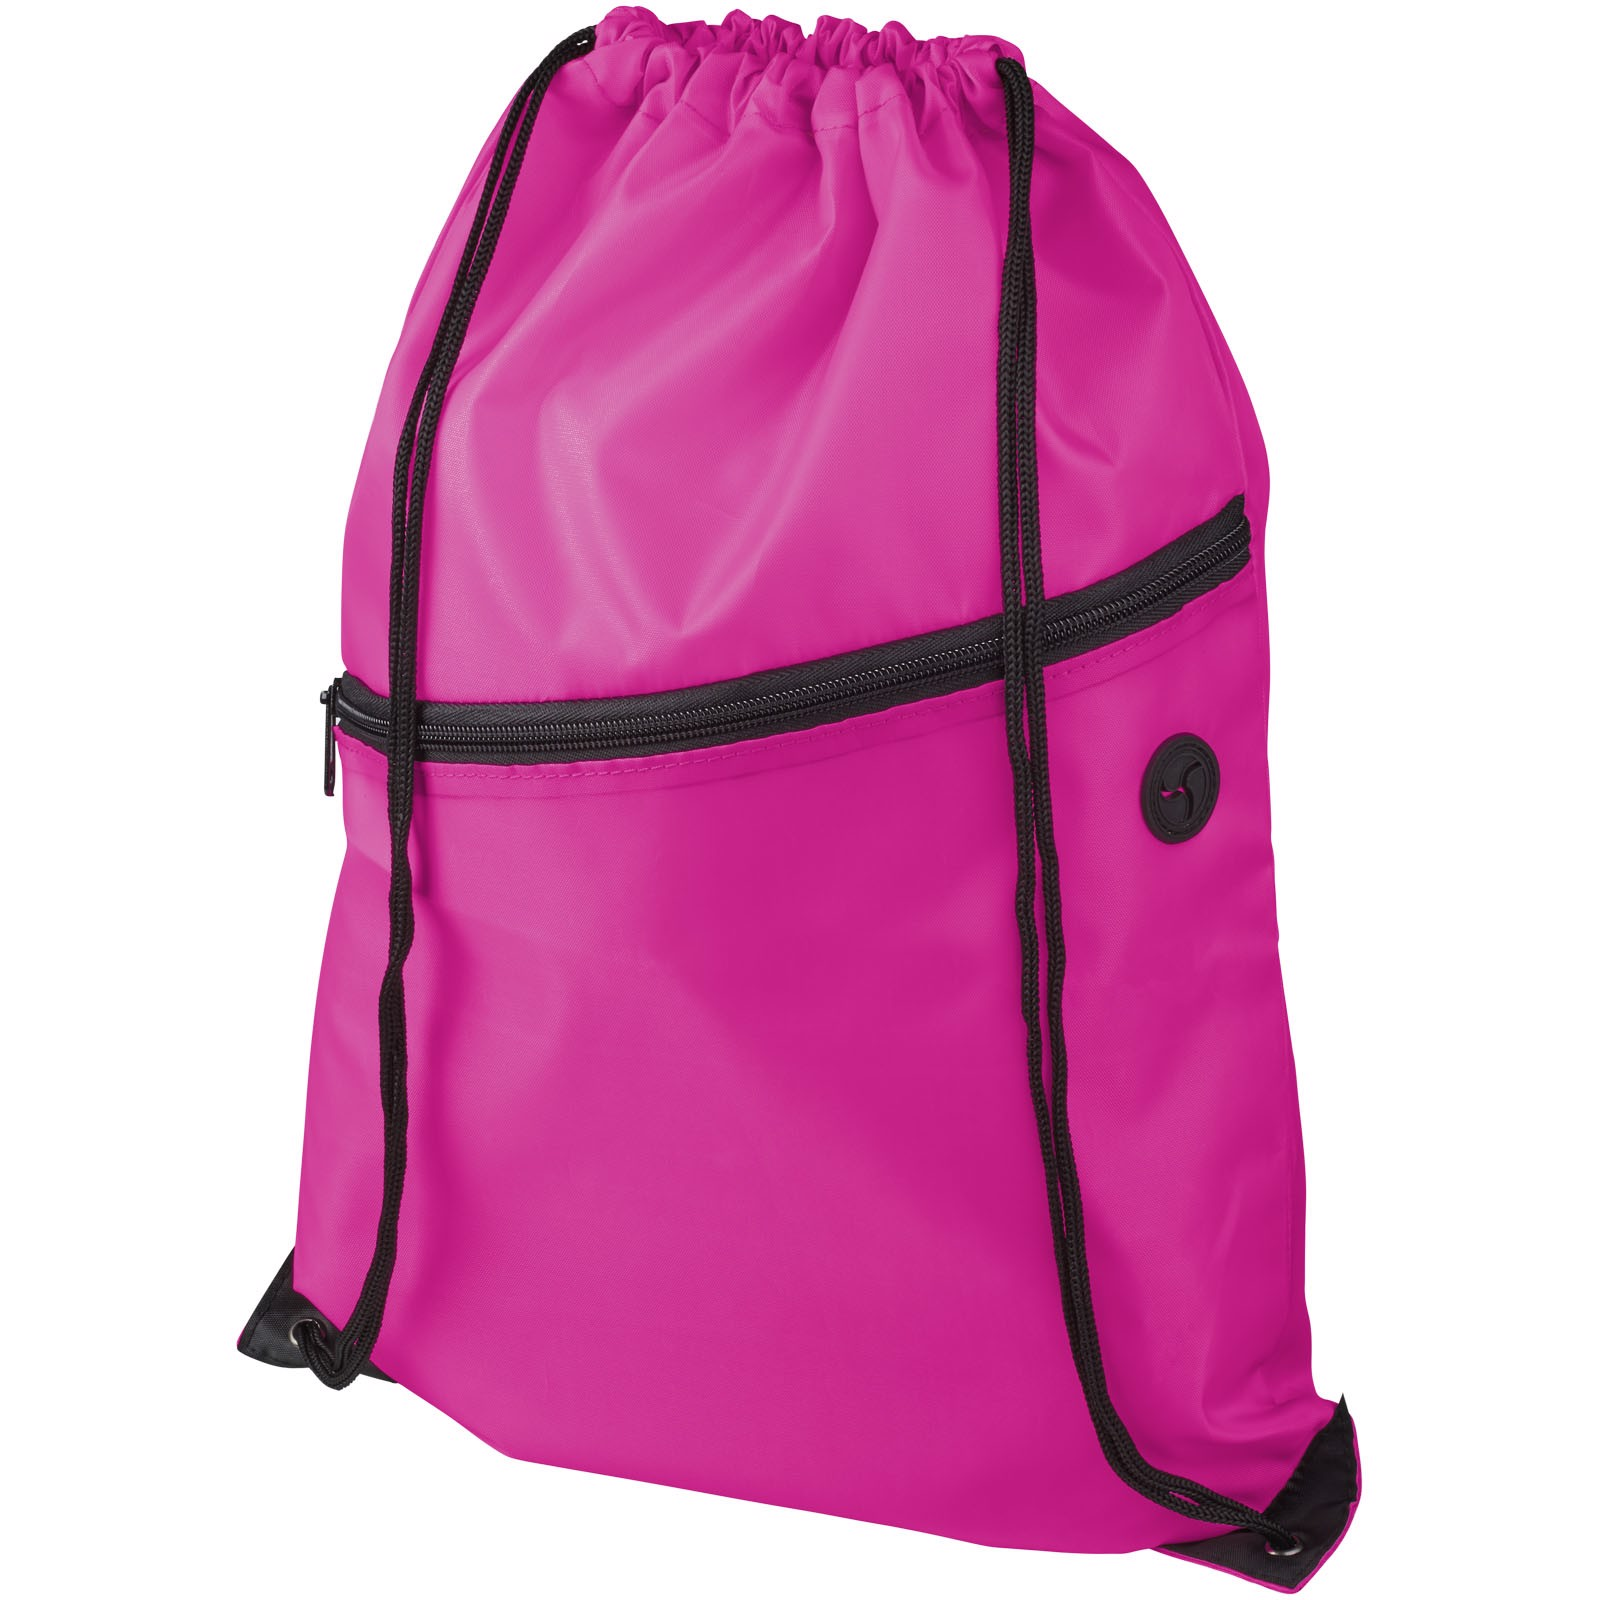 Oriole šňůrkový batoh se zipem - Magenta